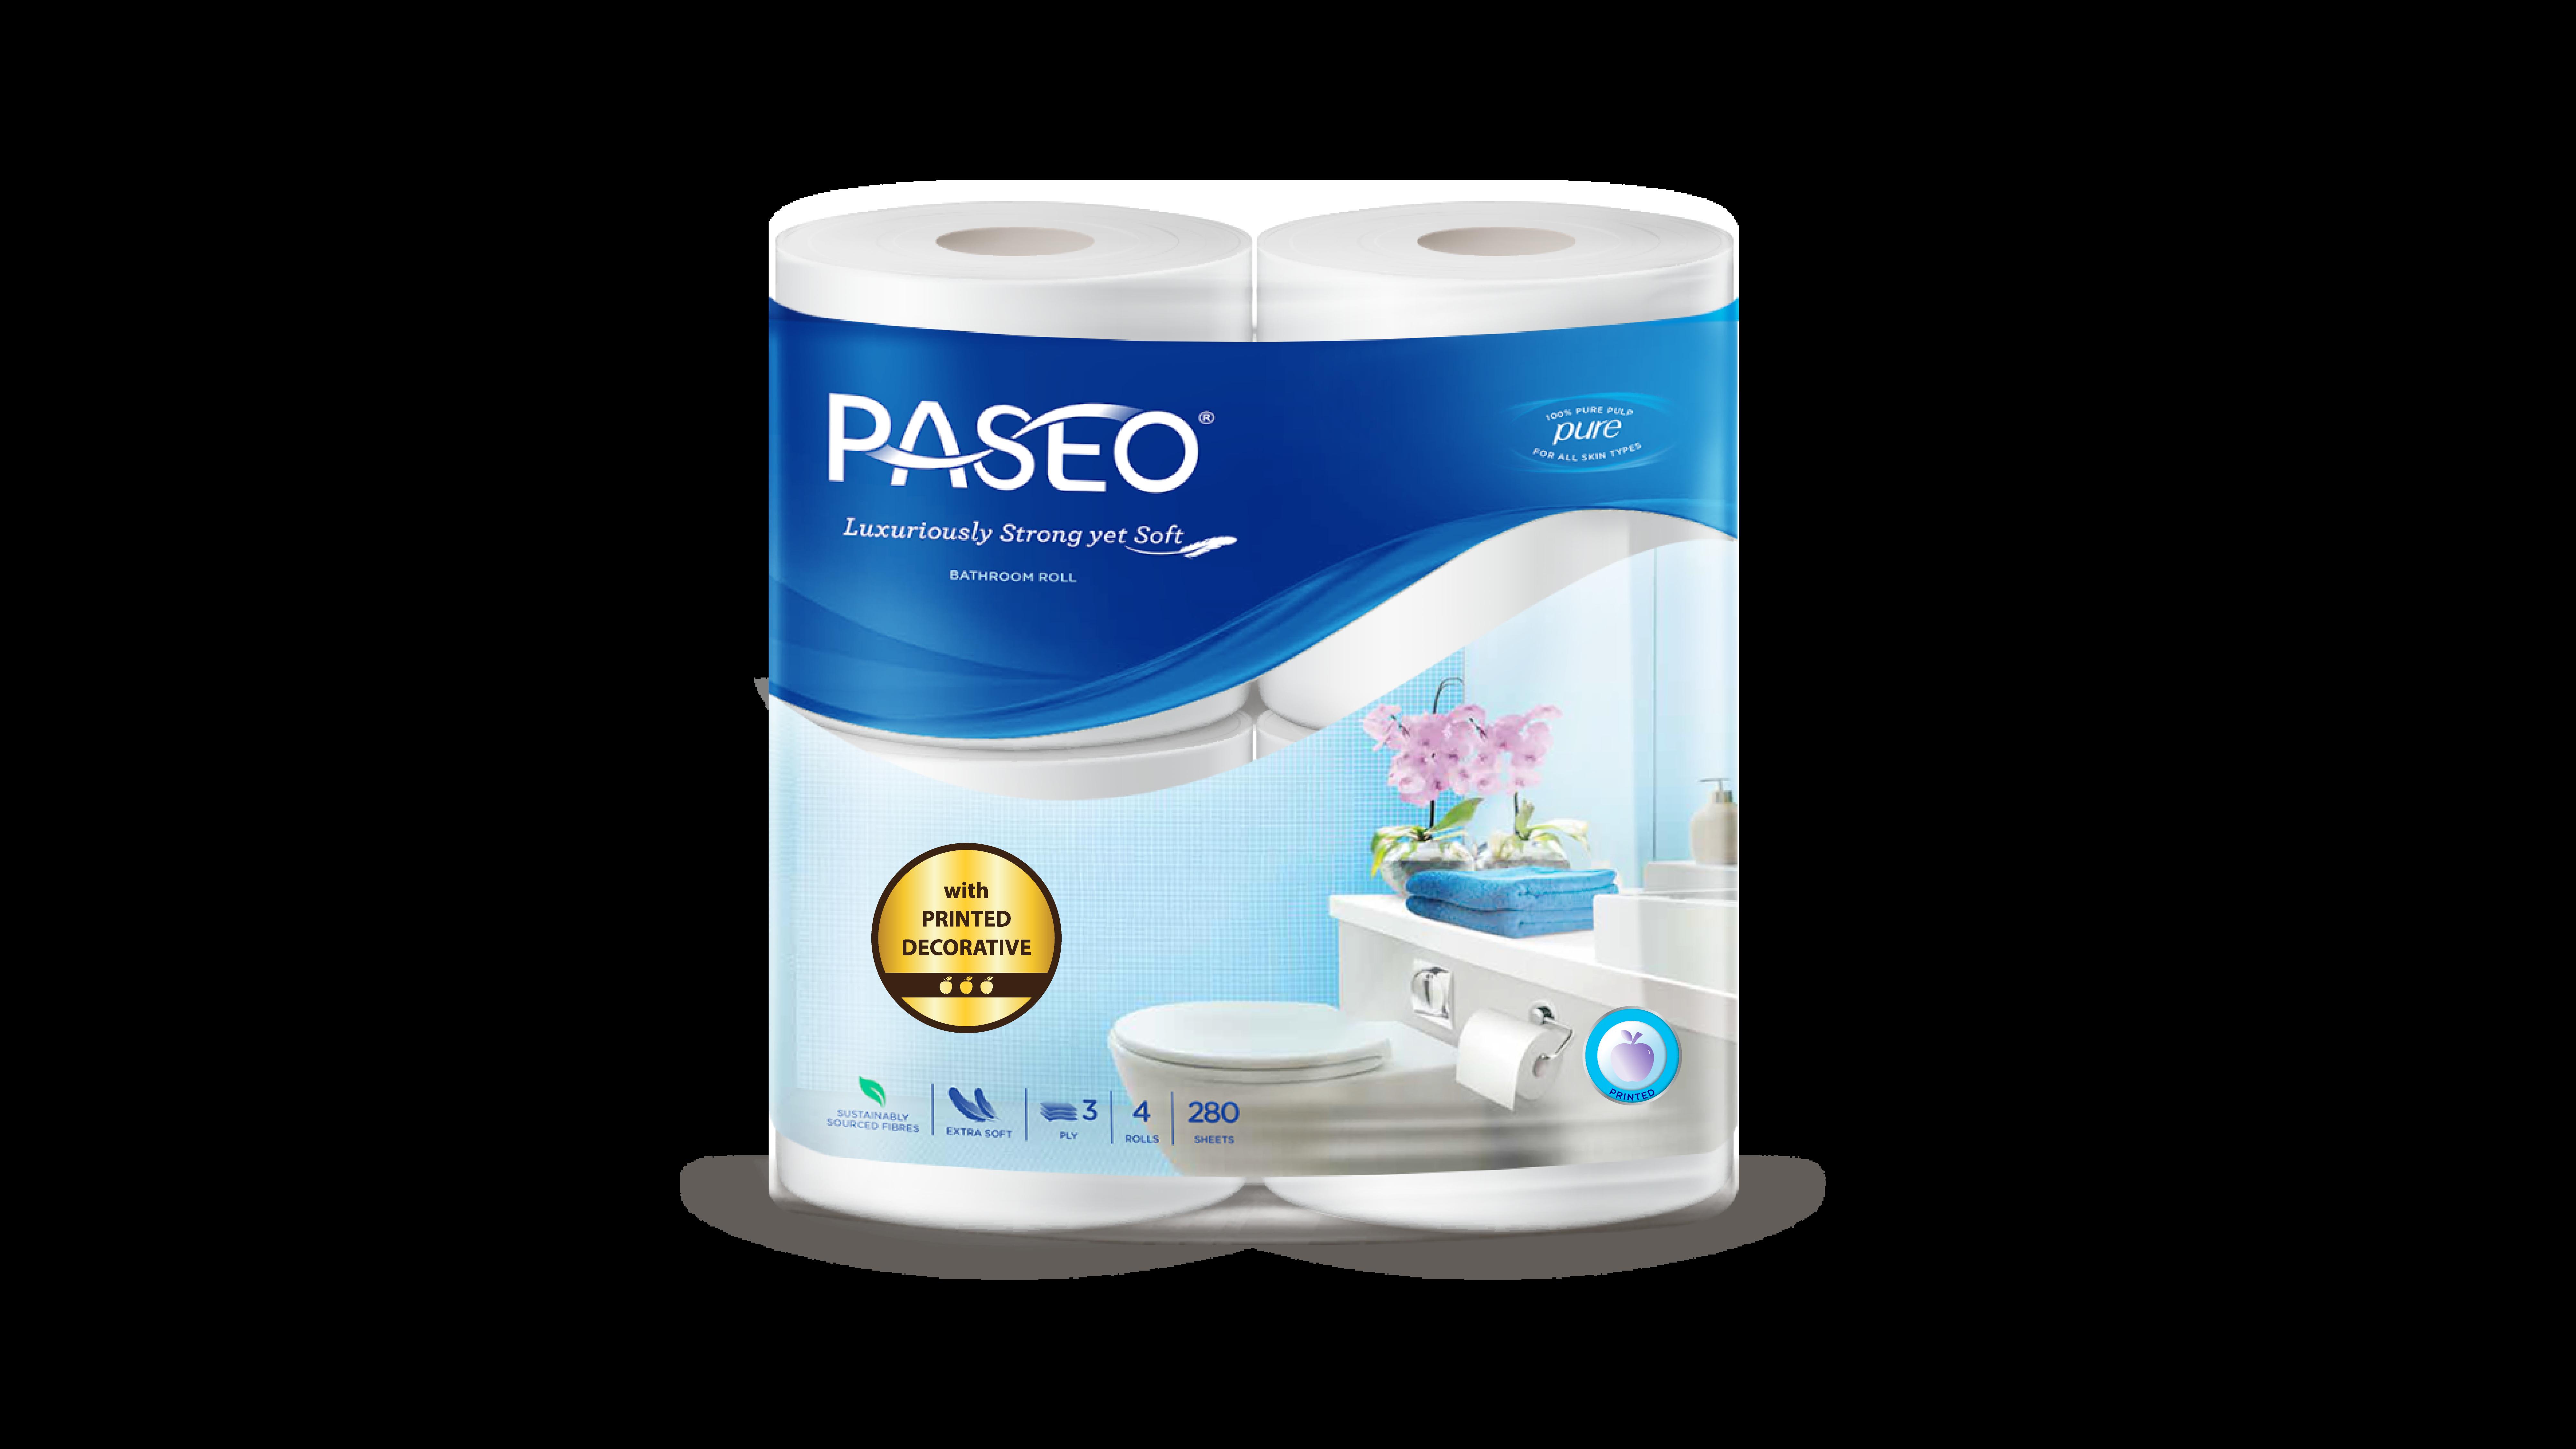 Giấy vệ sinh Paseo 4 cuộn 3 lớp (có in)